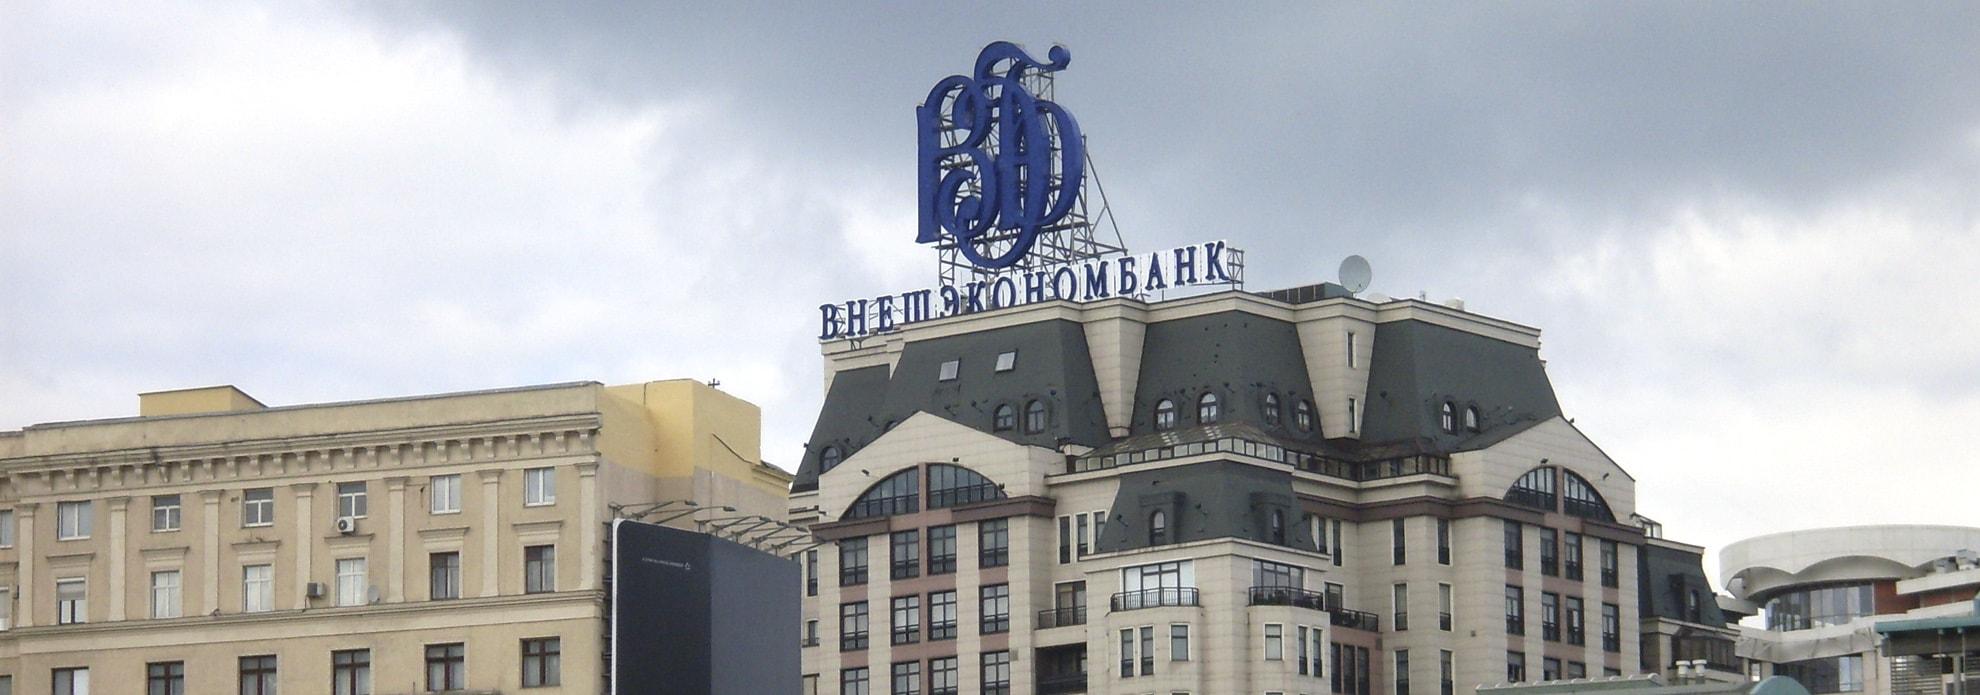 Крышная установка Внешэкономбанк